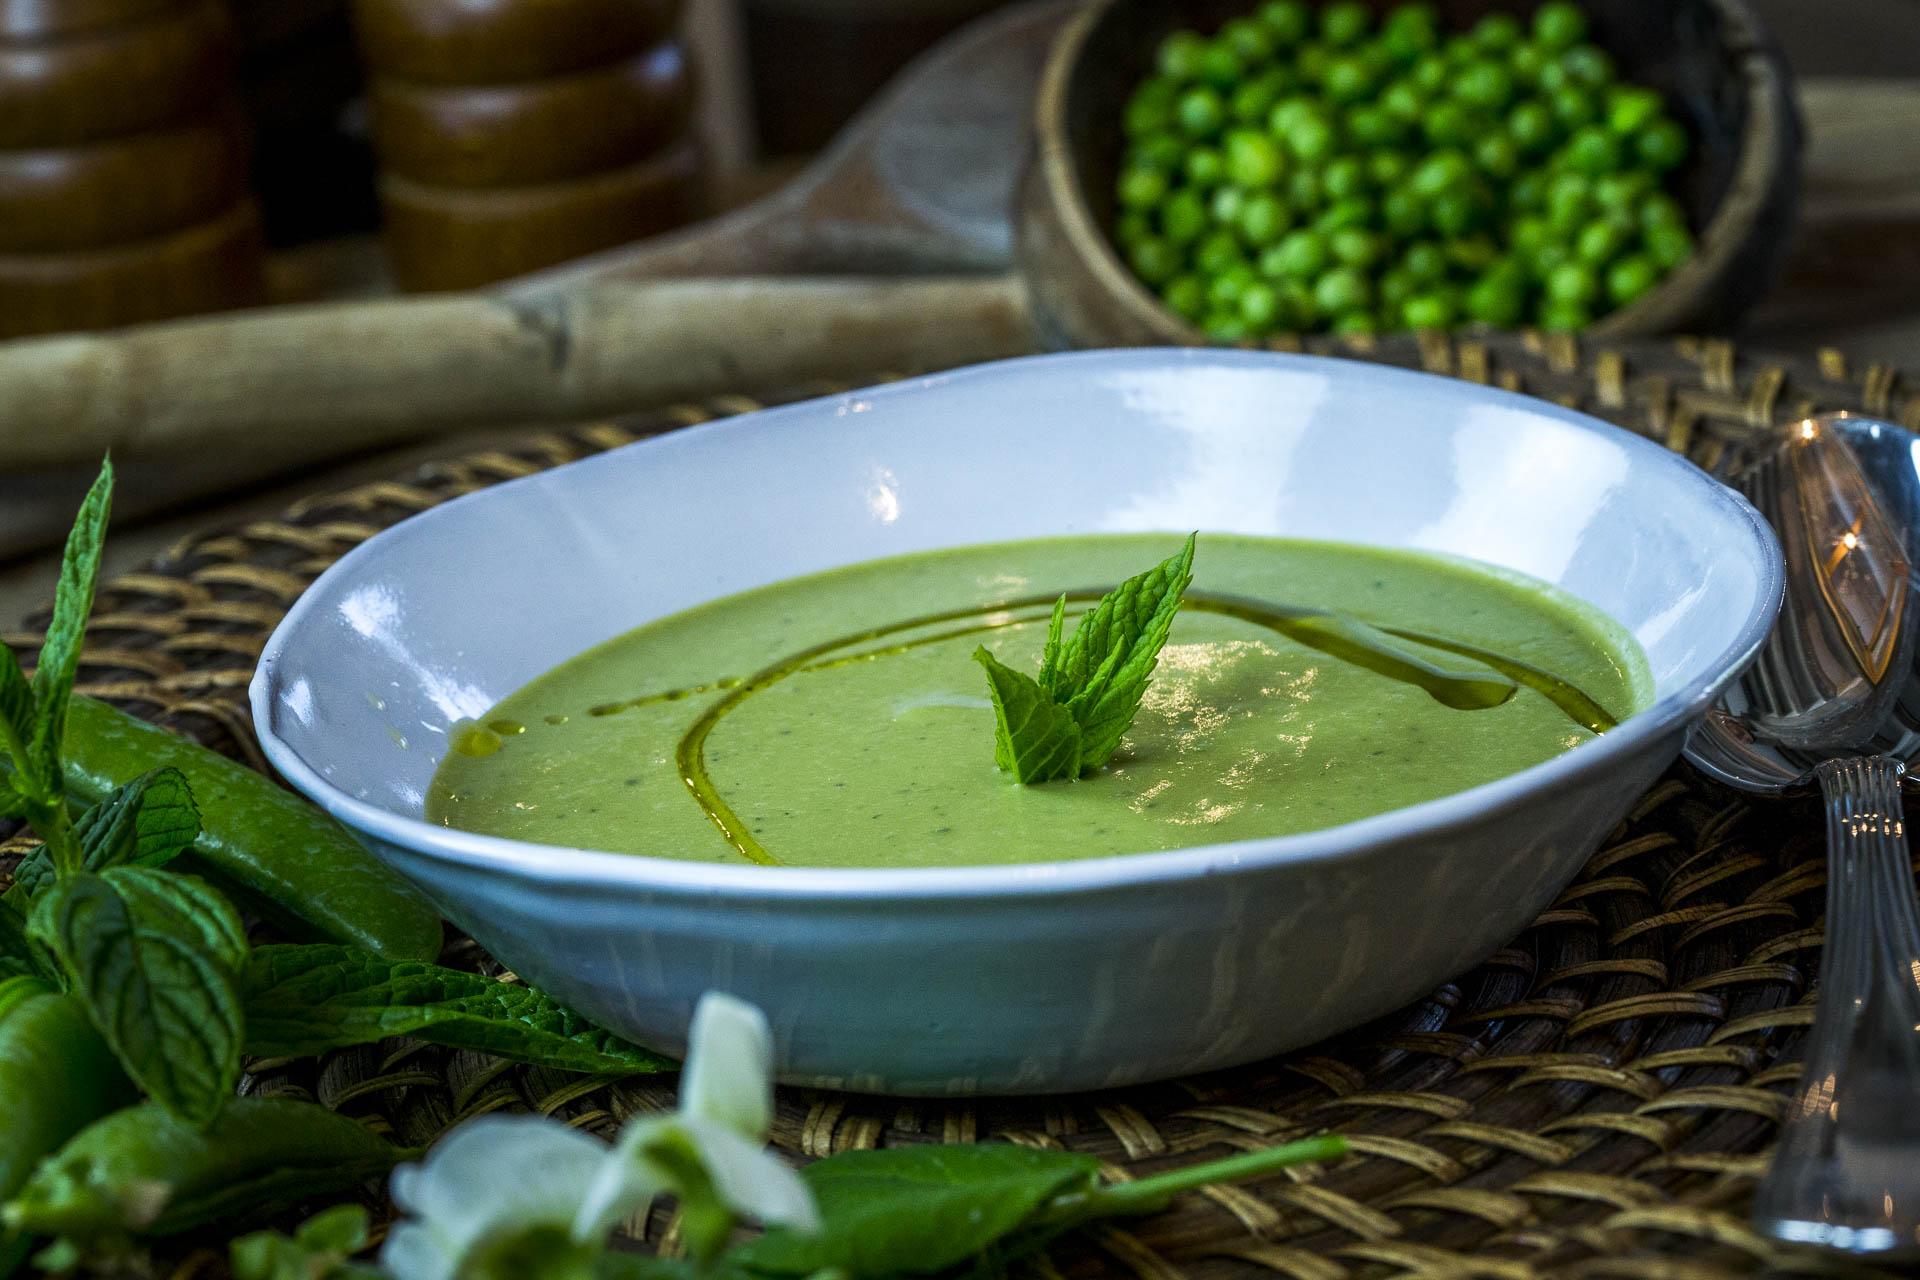 Les recettes - Soupe de petits pois à la menthe